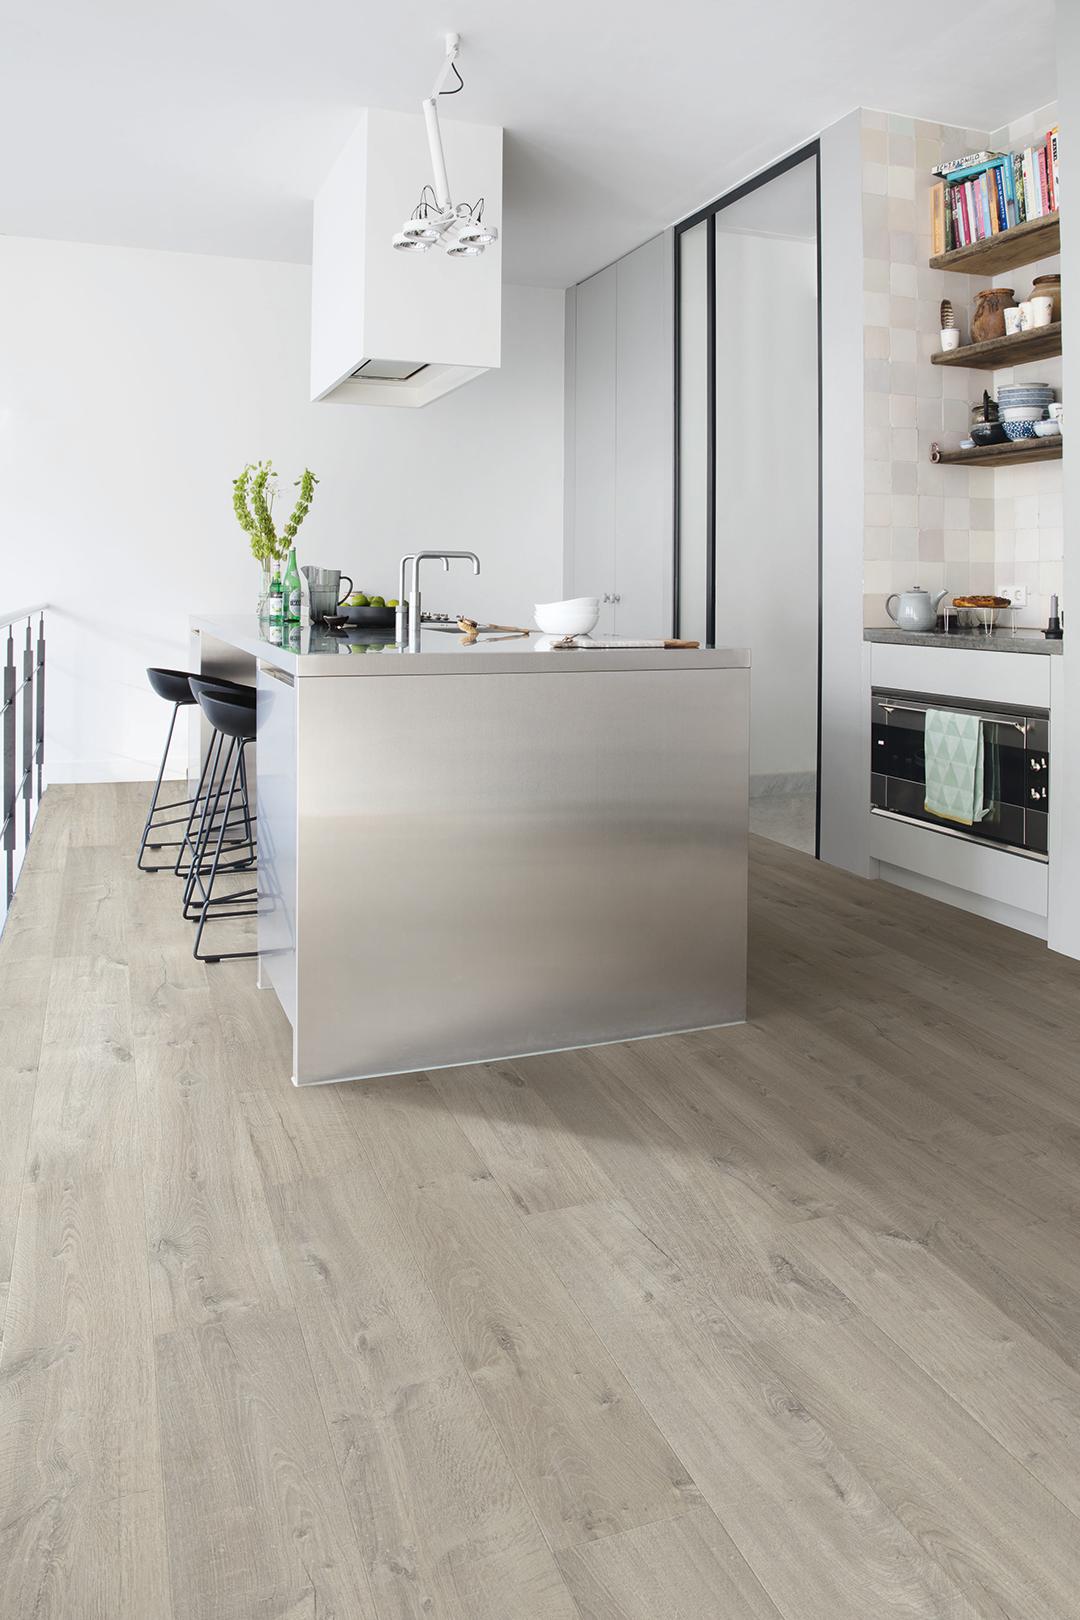 Para crear la cocina perfecta empiece eligiendo el suelo - Mejor suelo cocina ...